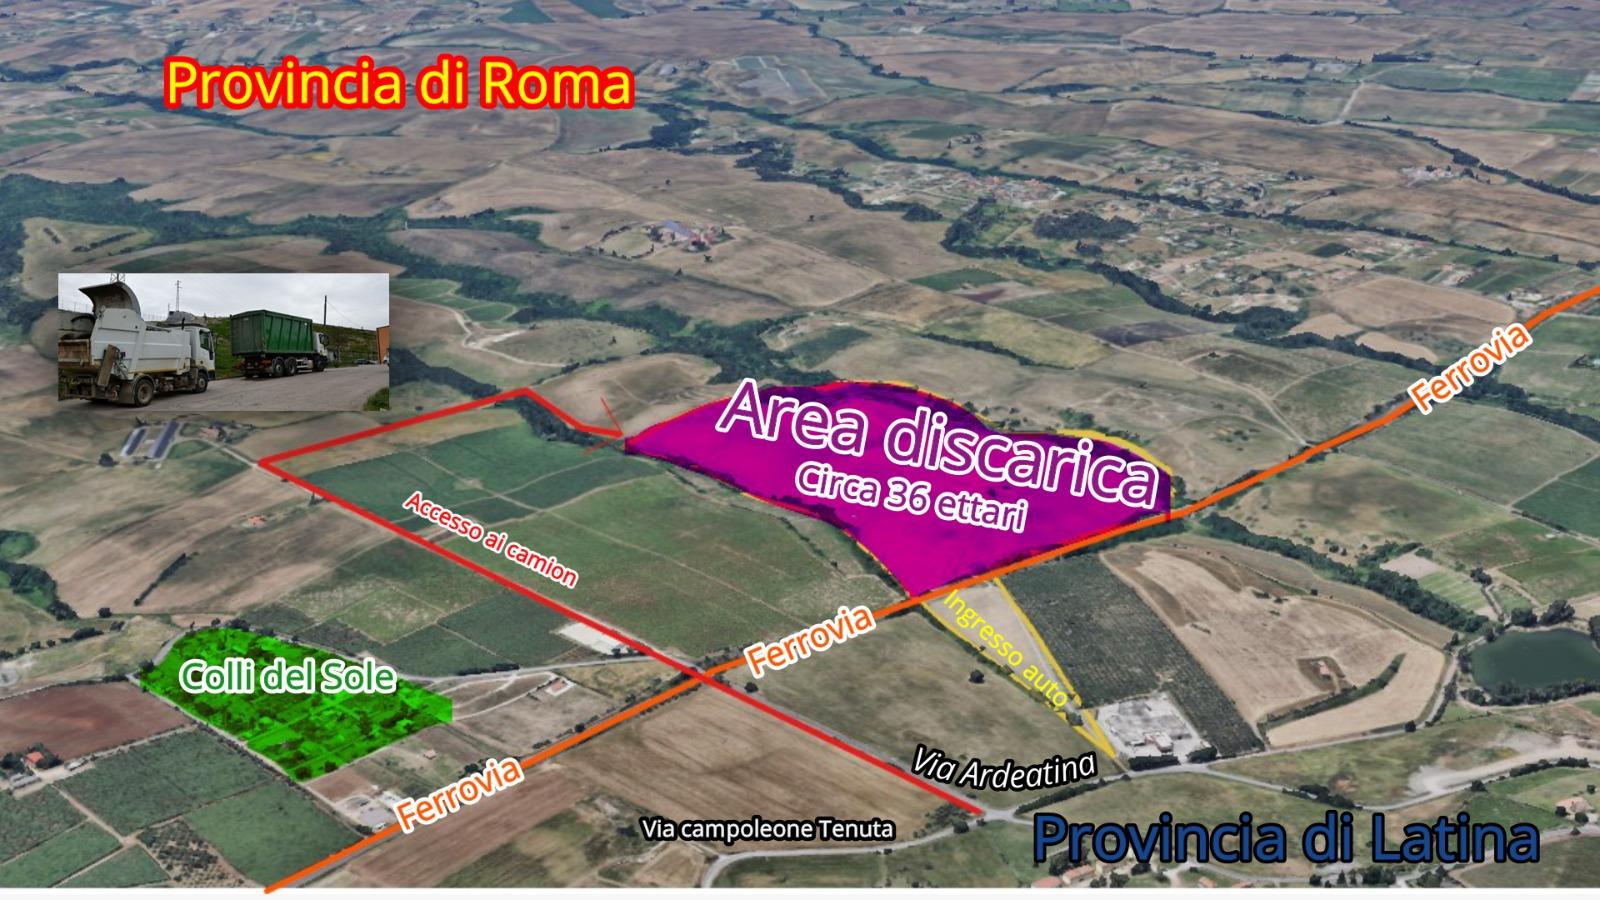 L'area della discarica a Casalazzara, Aprilia